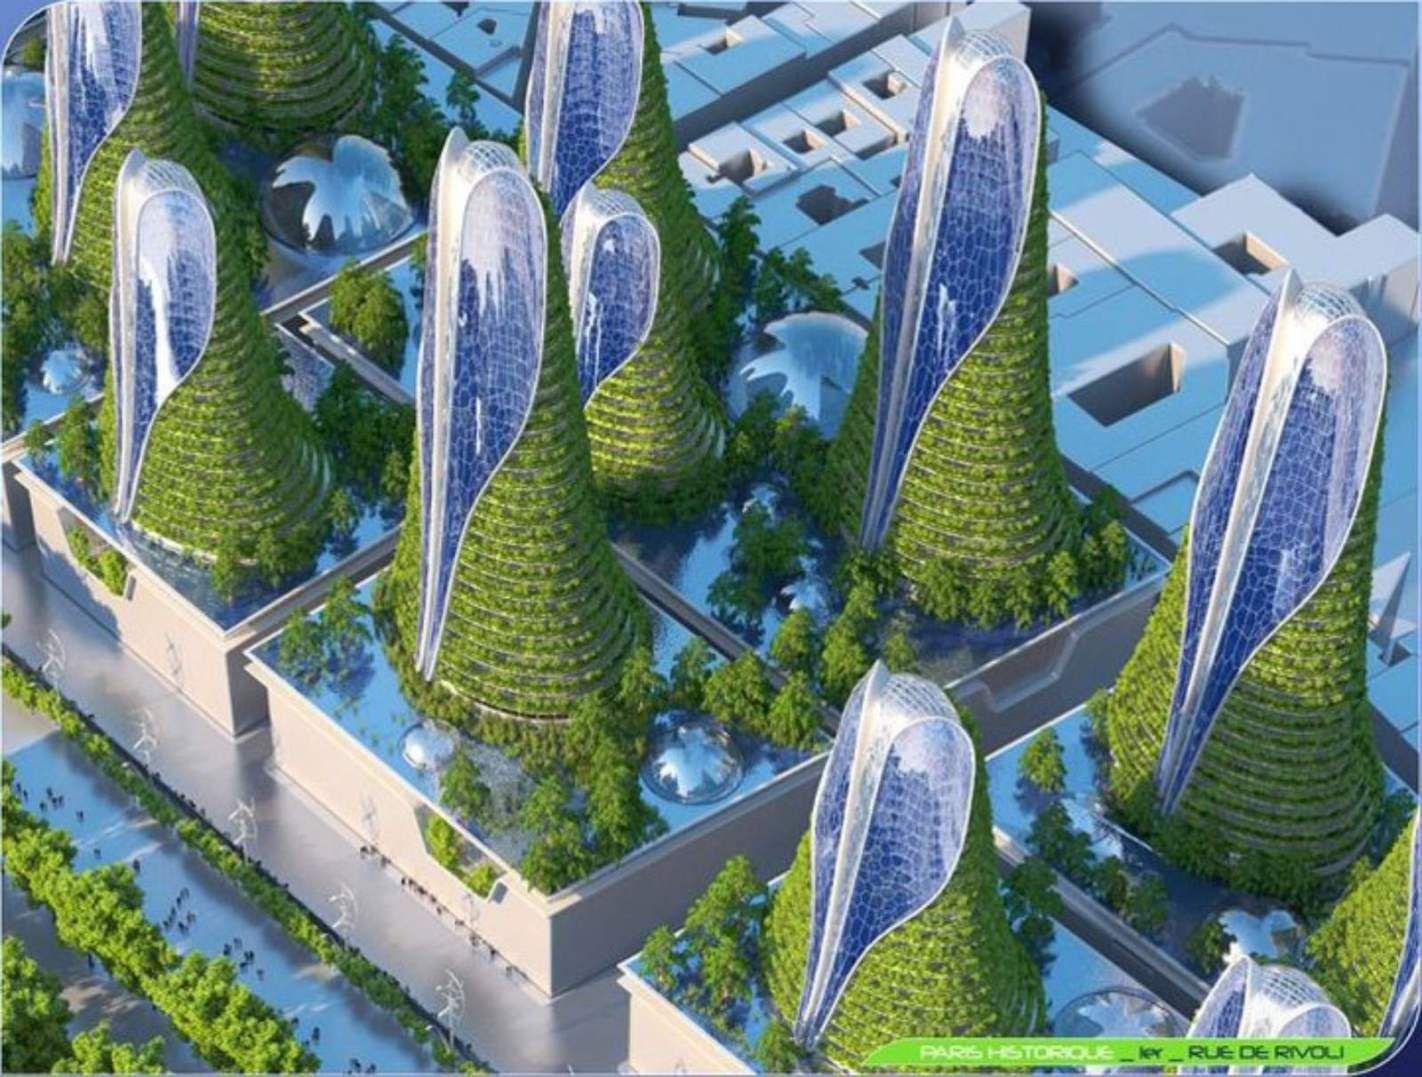 Paris Smart City 2050 By Vincent Callebaut Architectures